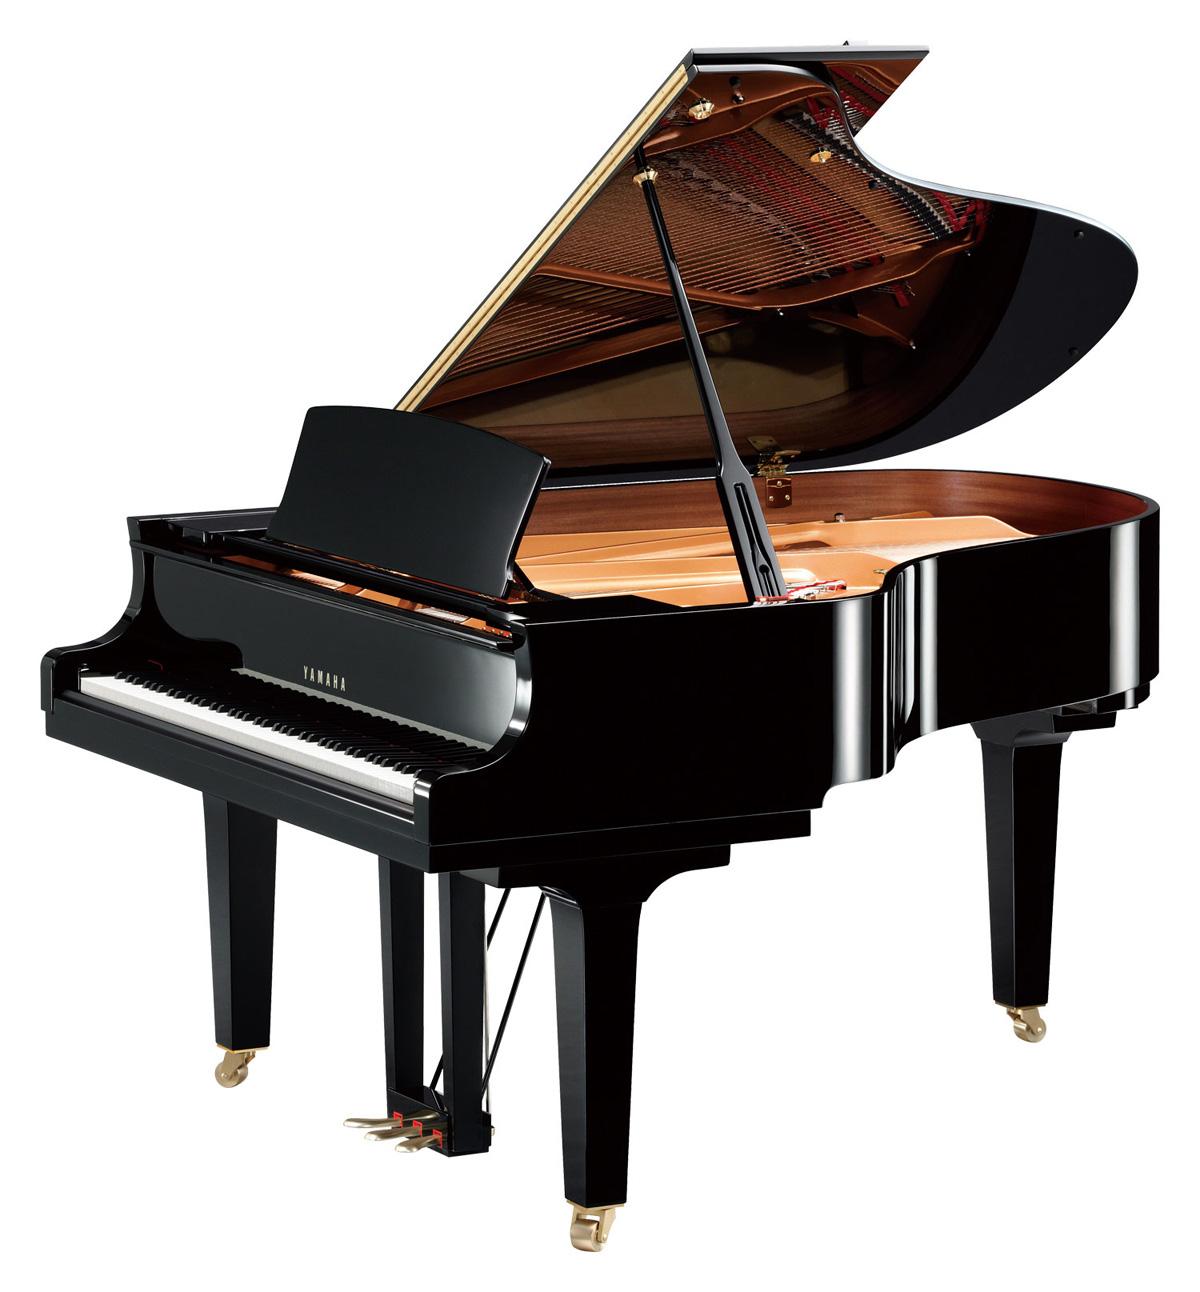 New Yamaha C3X Grand Piano